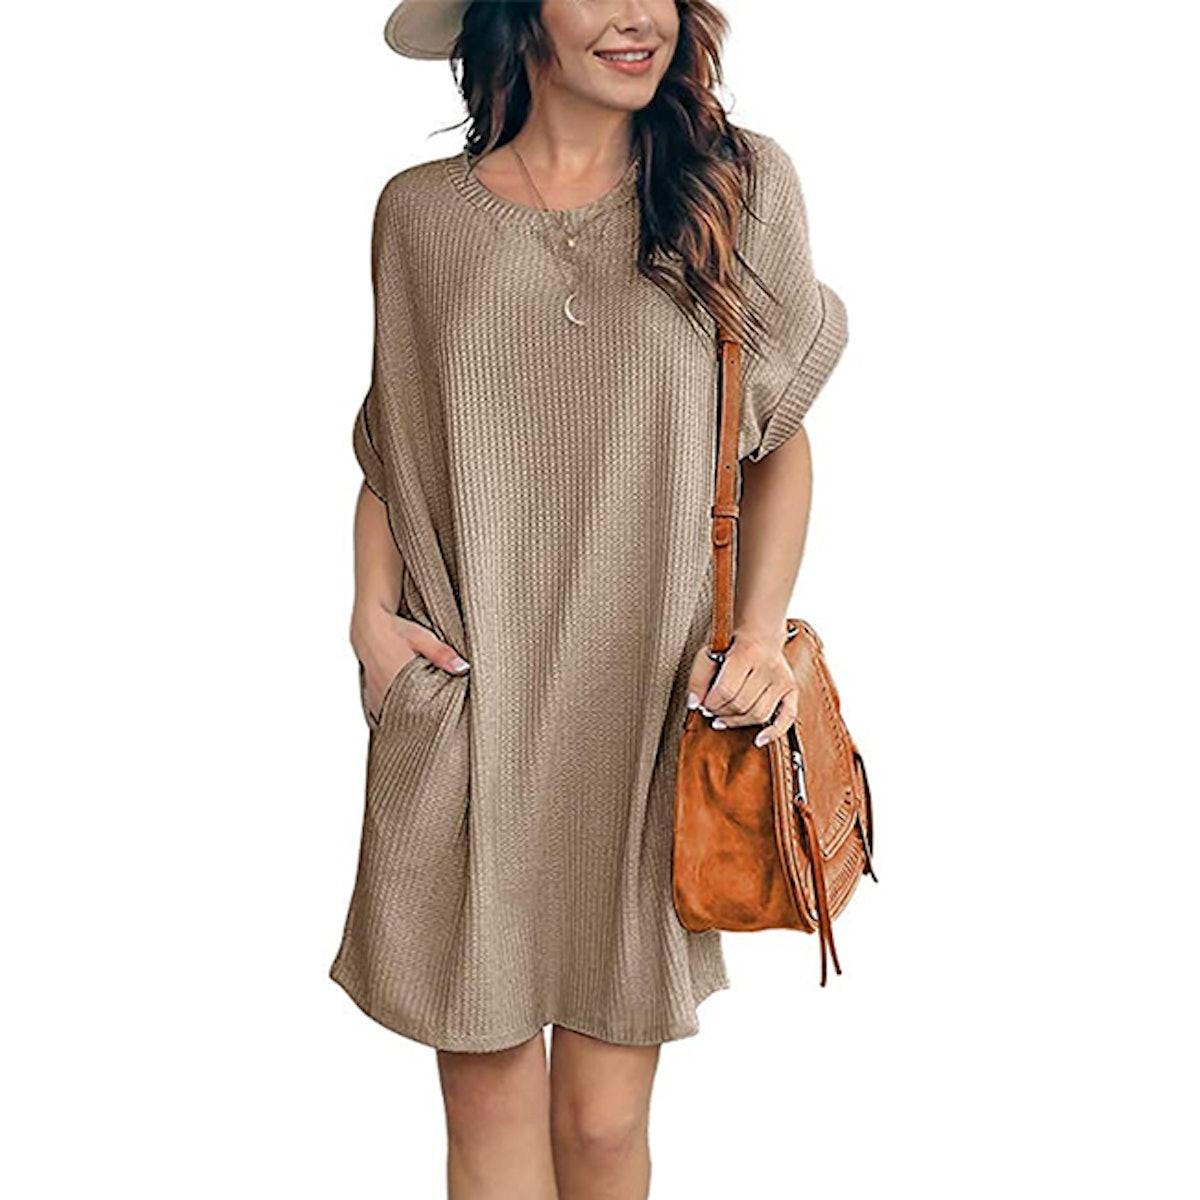 IWOLLENCE Waffle Knit Tunic Dress